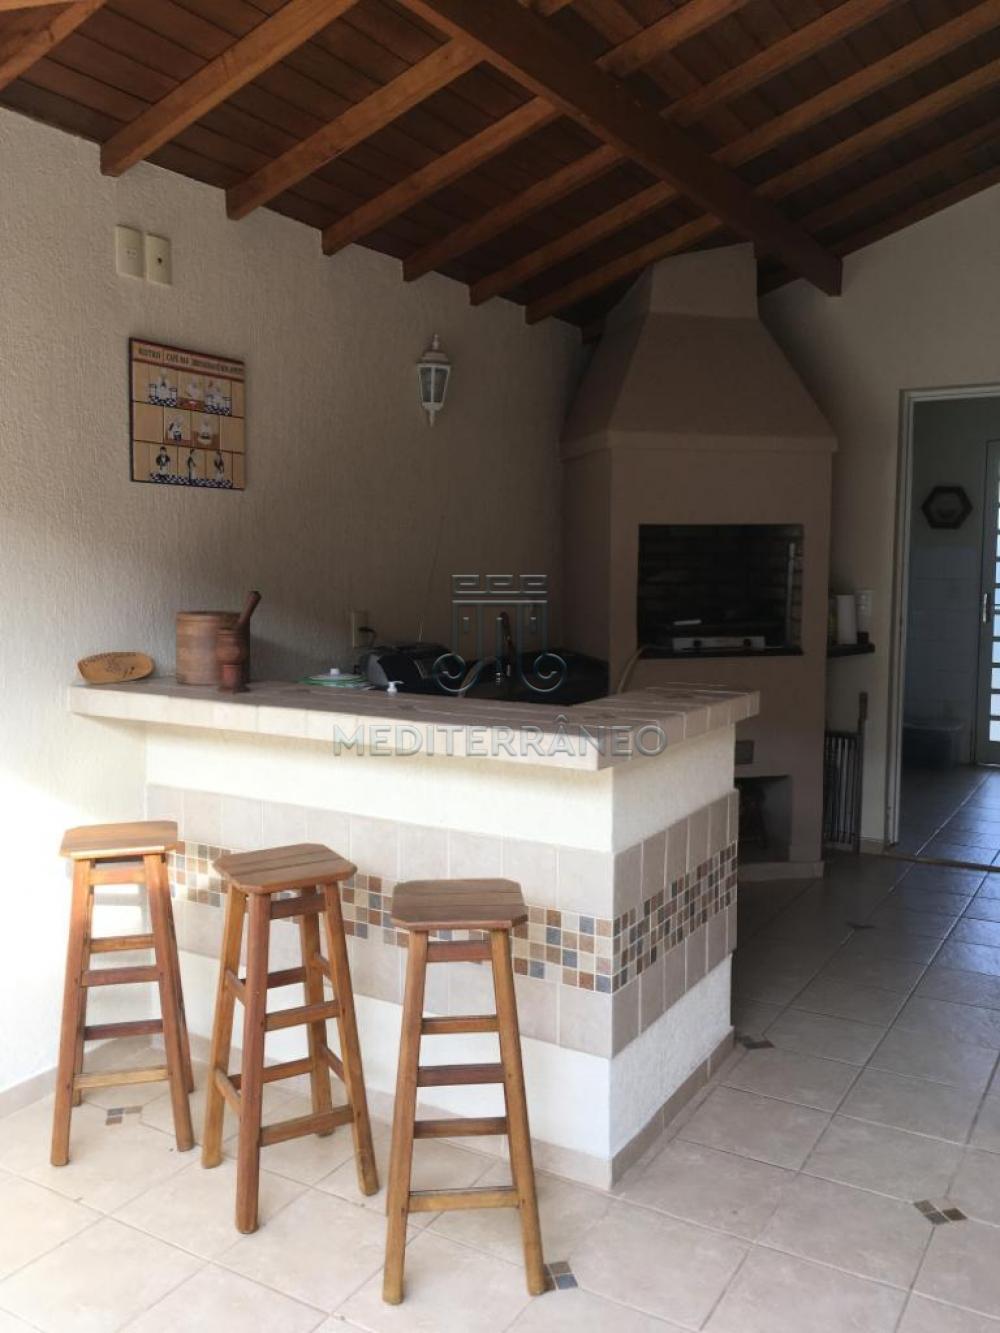 Comprar Casa / Condomínio em Jundiaí apenas R$ 740.000,00 - Foto 2